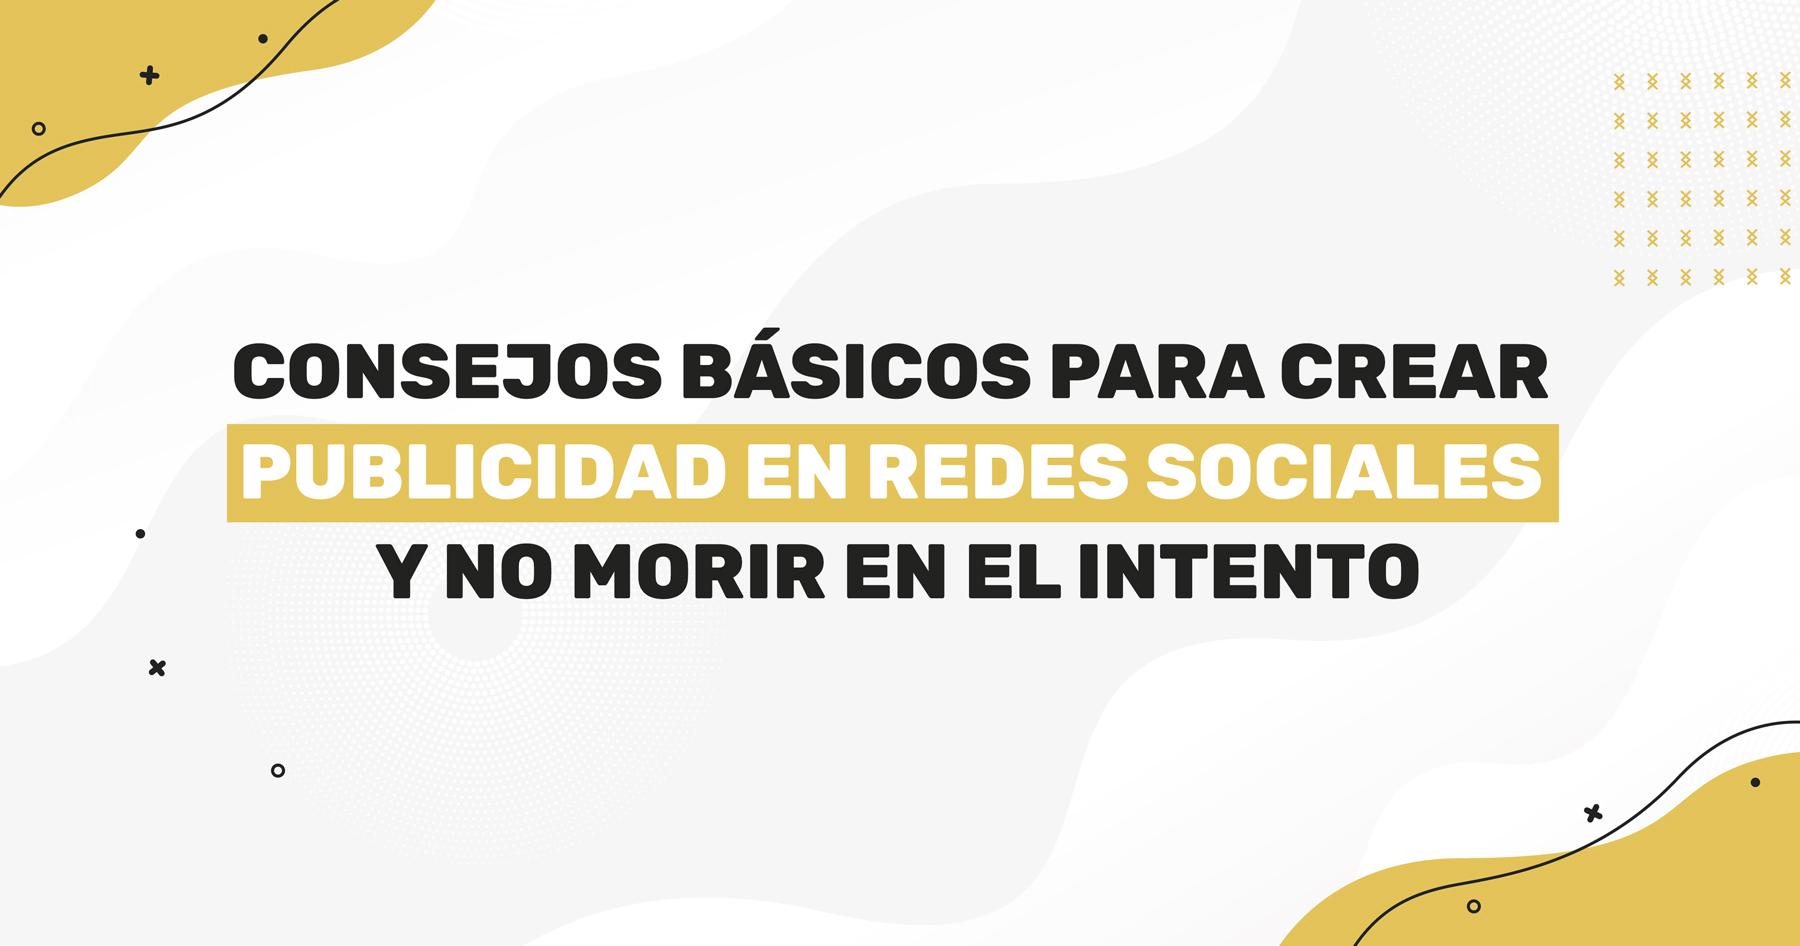 Cabecera del post sobre publicidad en redes sociales de ITO